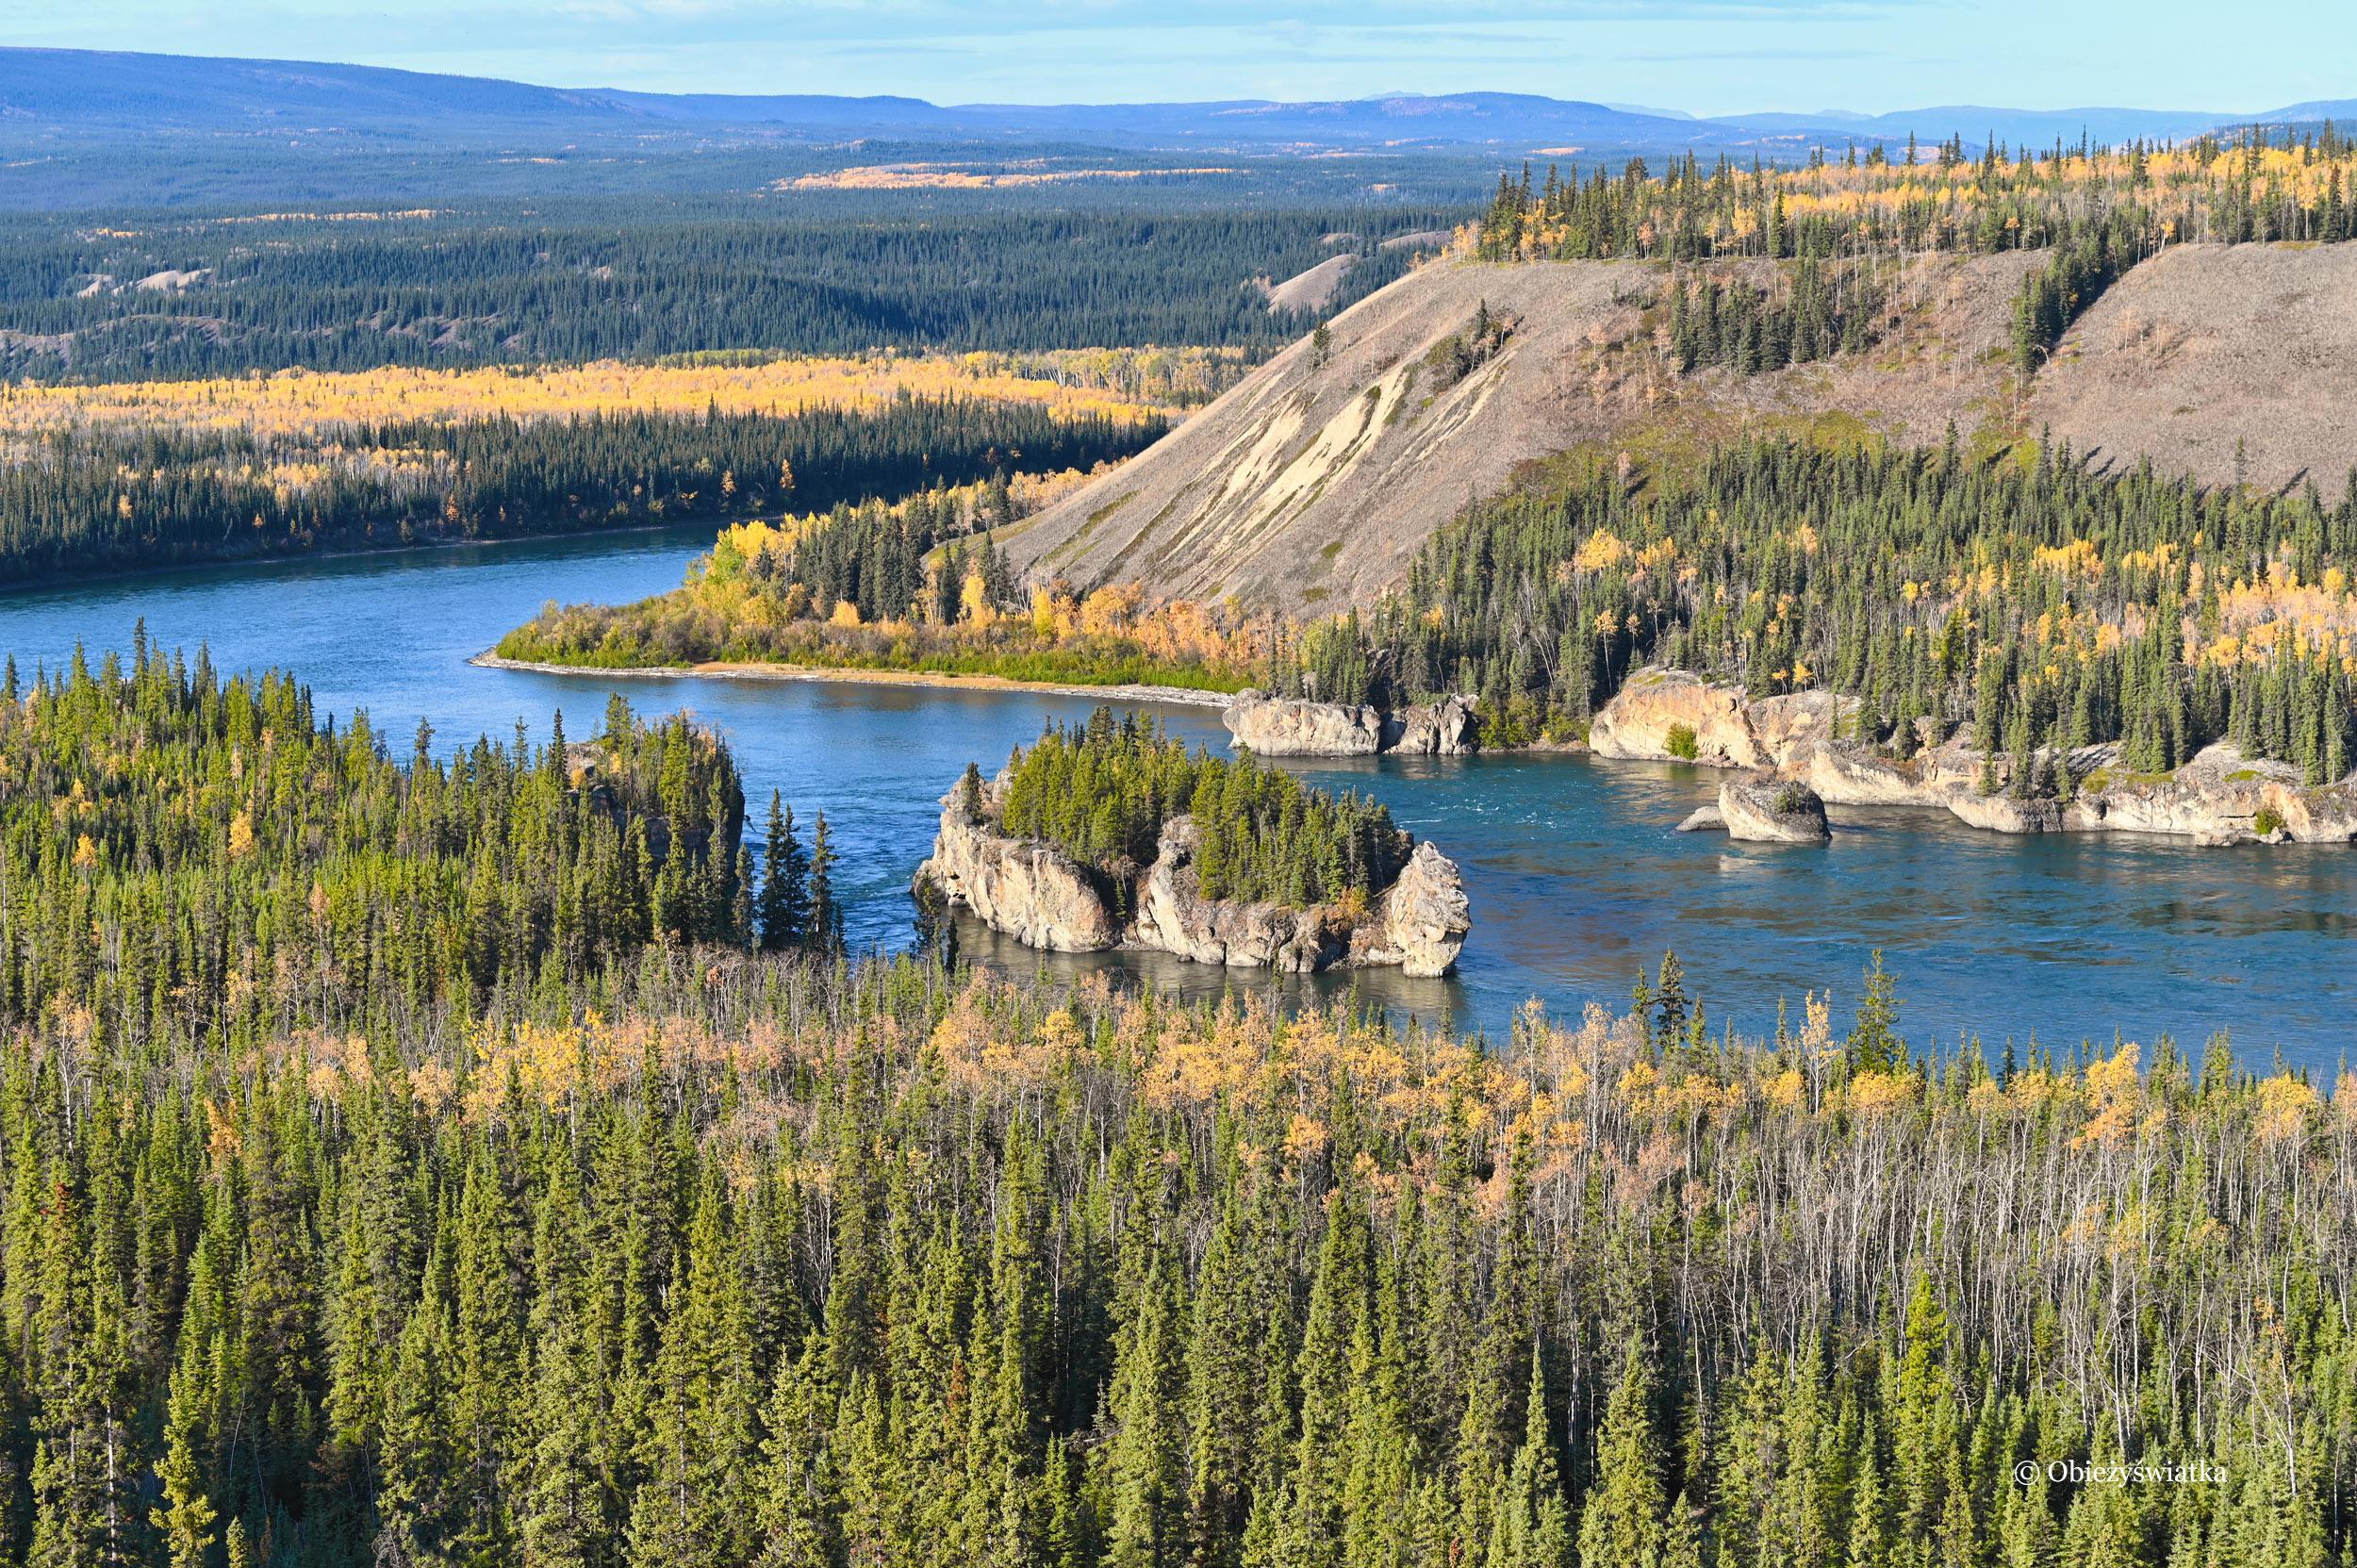 Five Finger Rapids, Yukon River, Canada